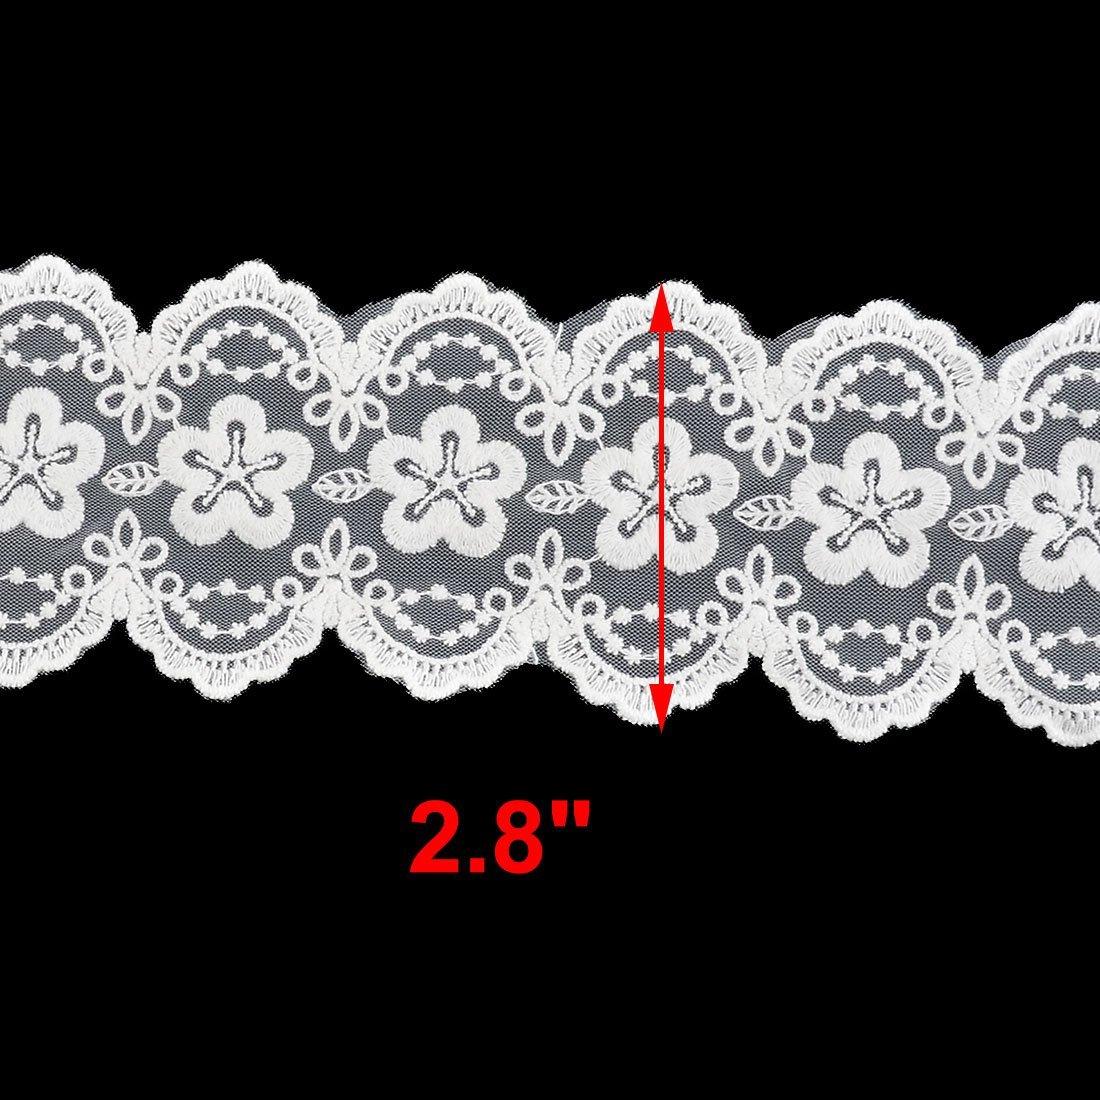 Amazon.com: eDealMax poliéster Fower Diseño personalizado Con borde de Encaje apliques 2, 8 pulgadas Ancho blancos